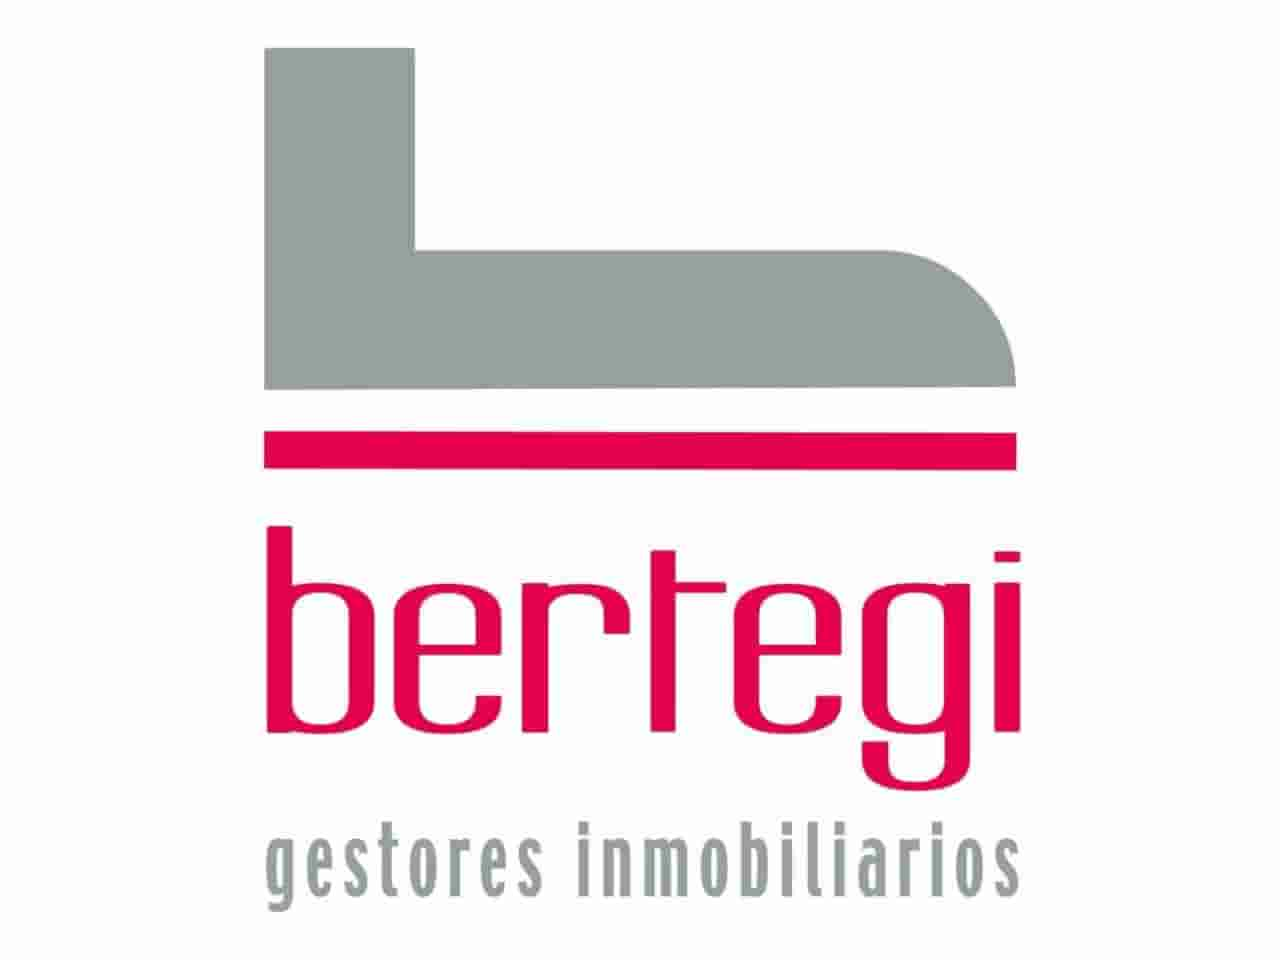 Terreno/Finca Rústica en Carranza en venta - 120.300 € (Ref: 942838)